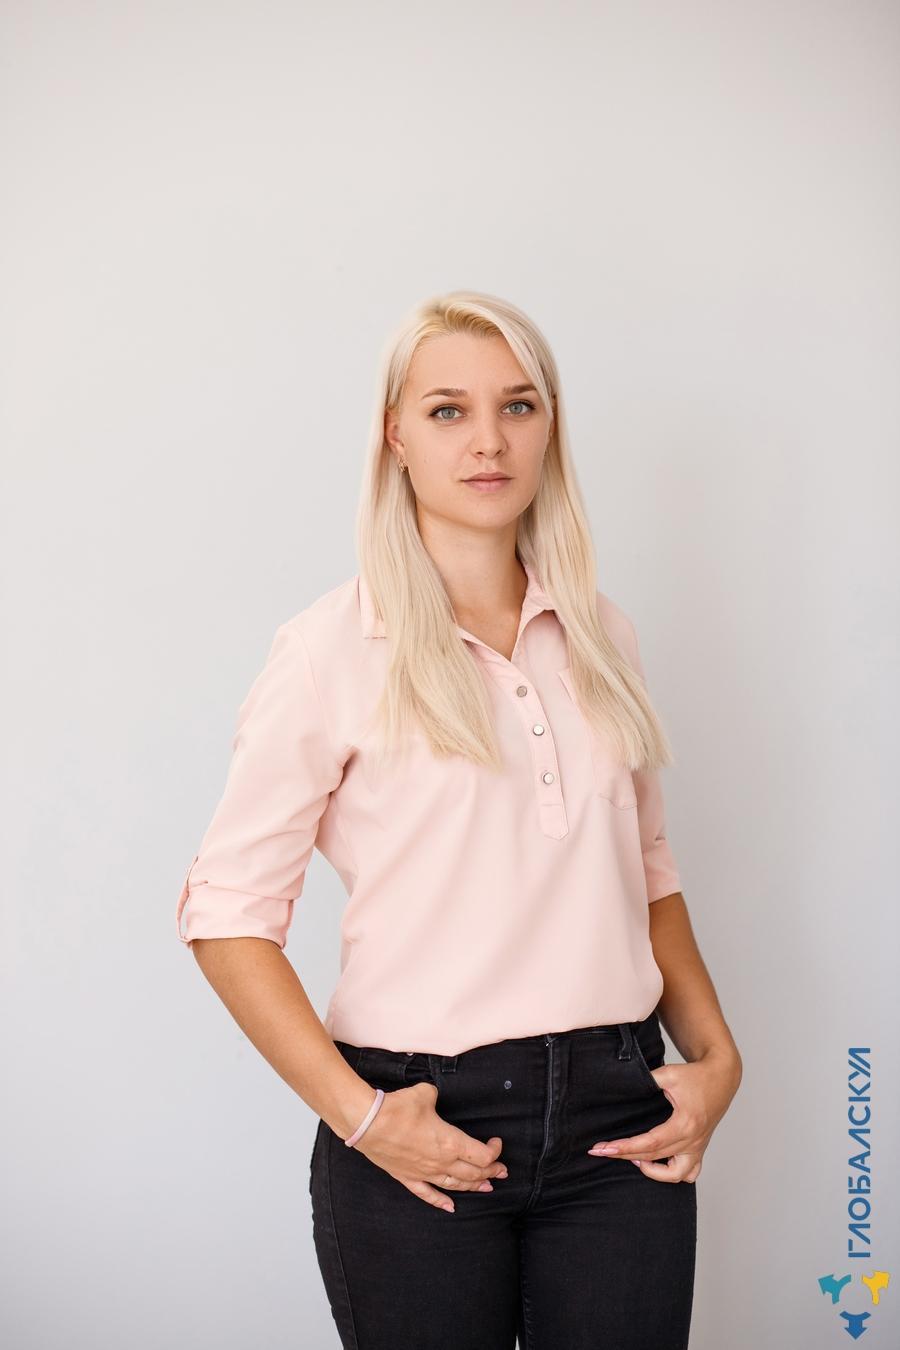 Шитова Татьяна